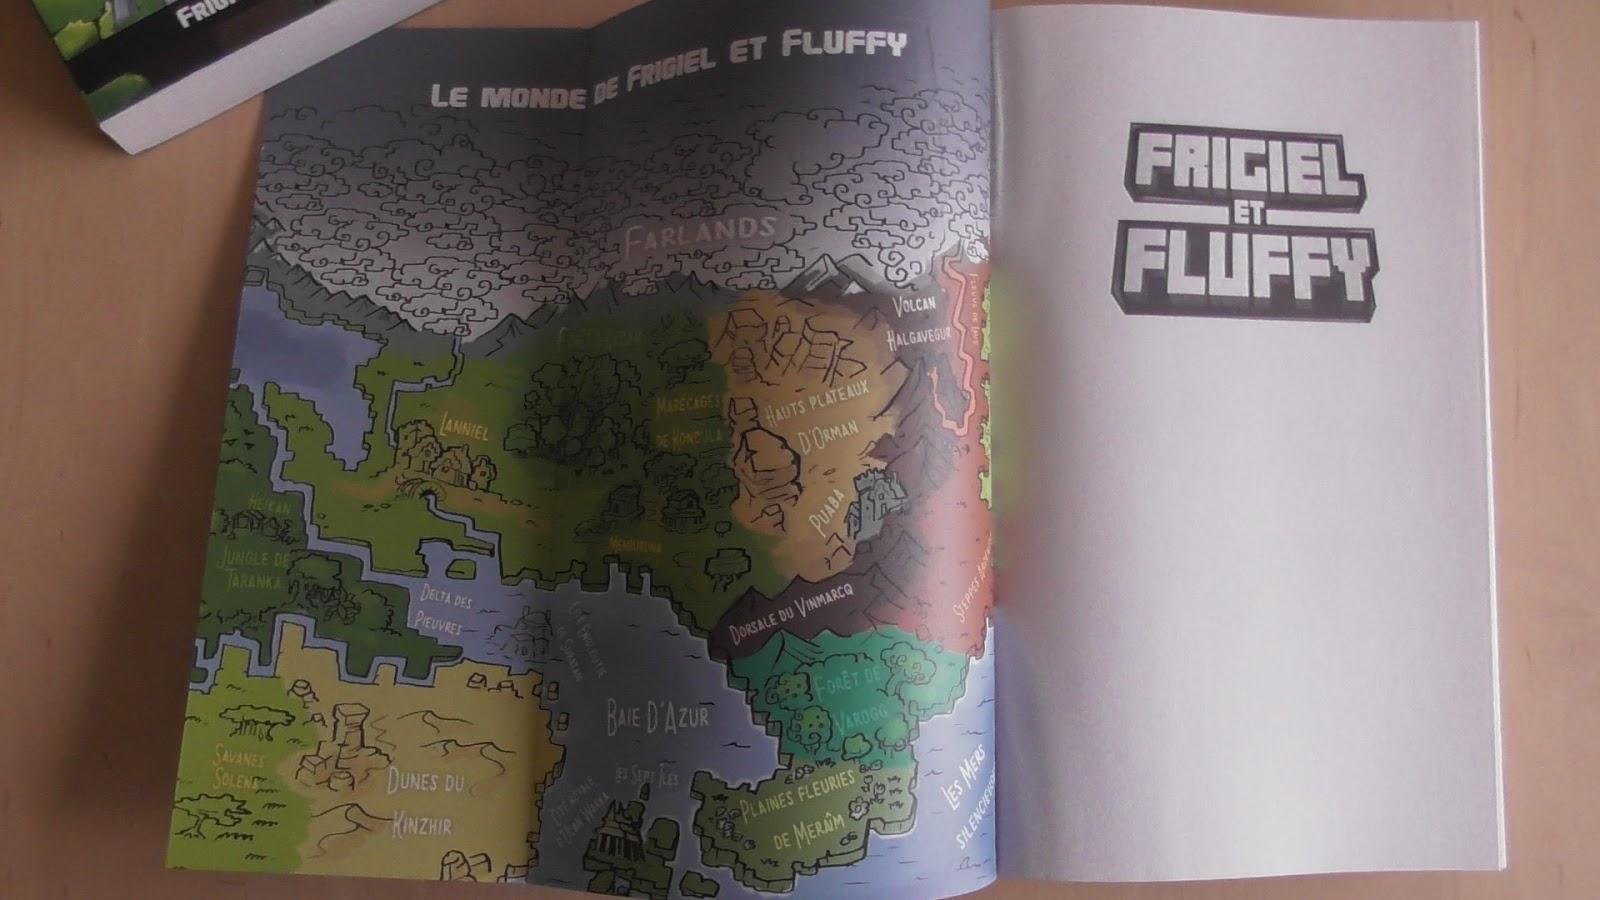 Les Chroniques D Un Lecteur Passionne Frigiel Et Fluffy